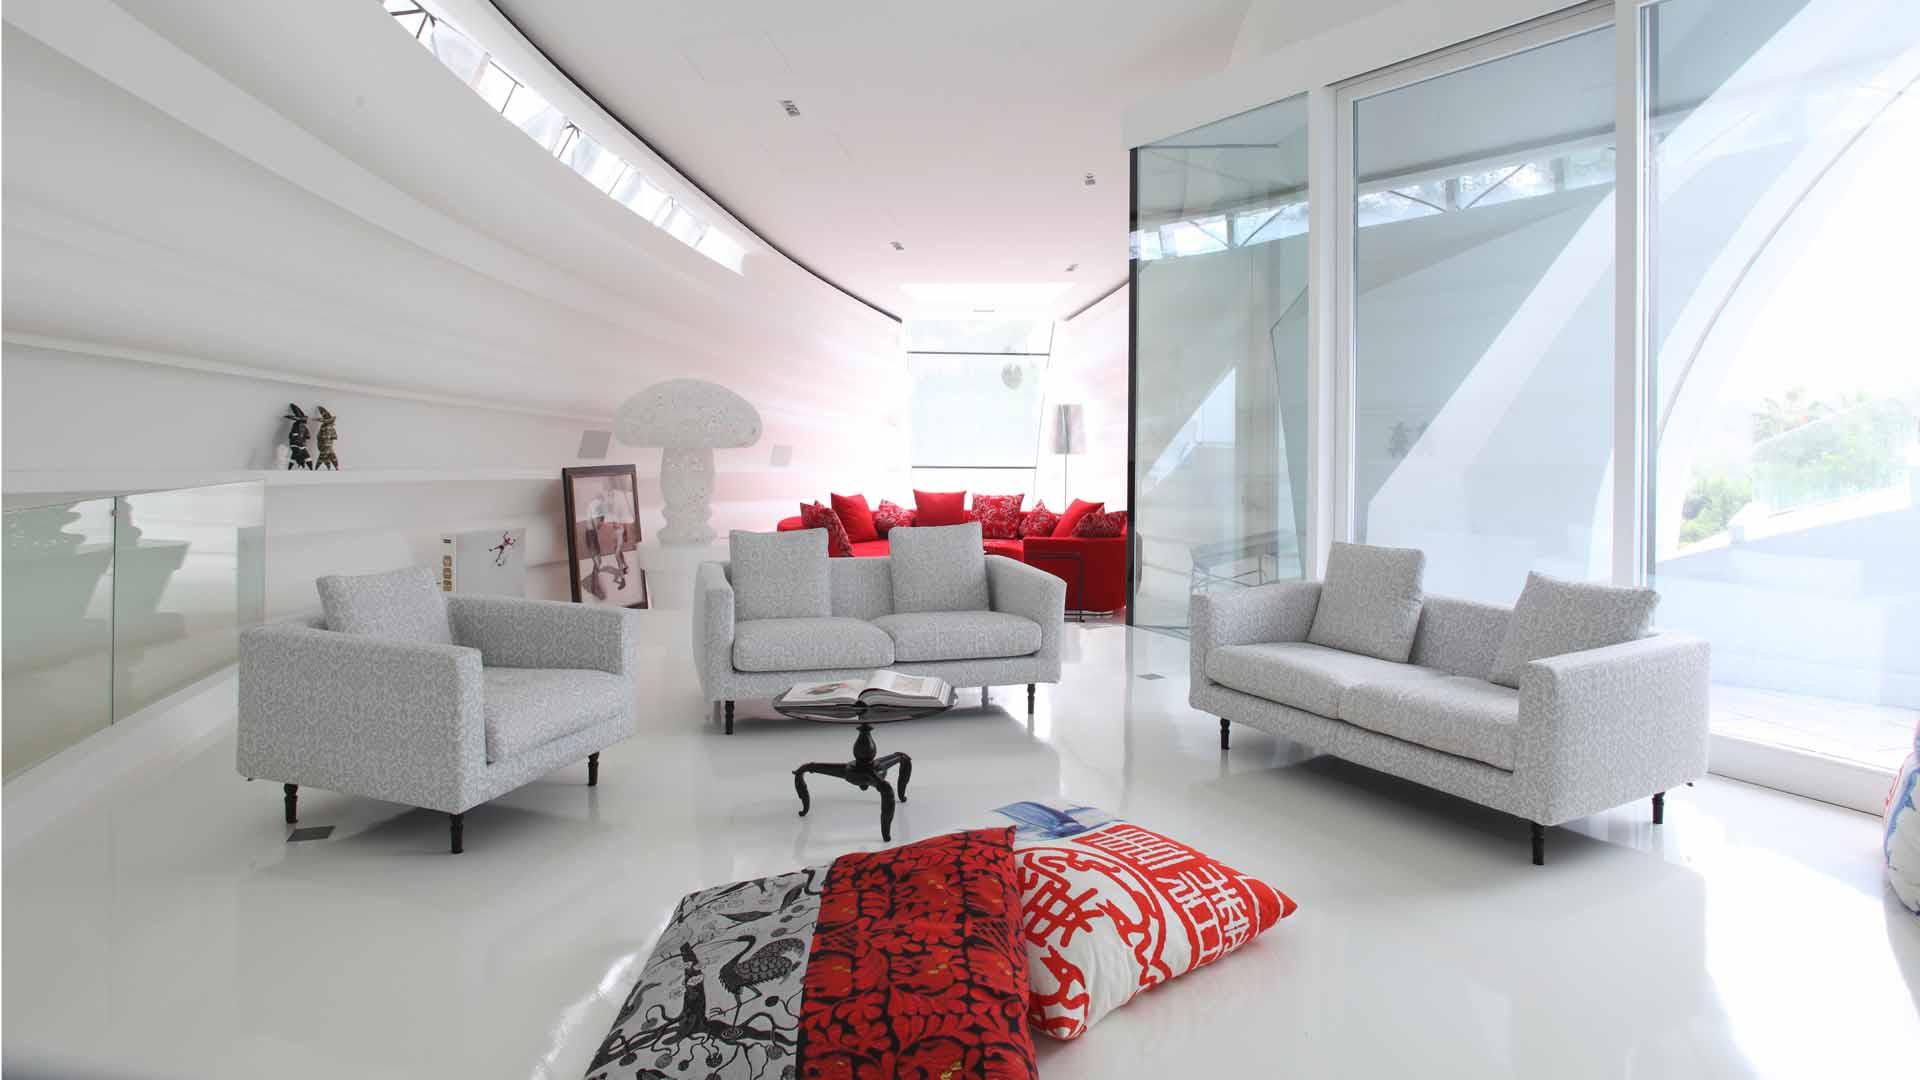 Футуристичный стиль мебели в интерьере